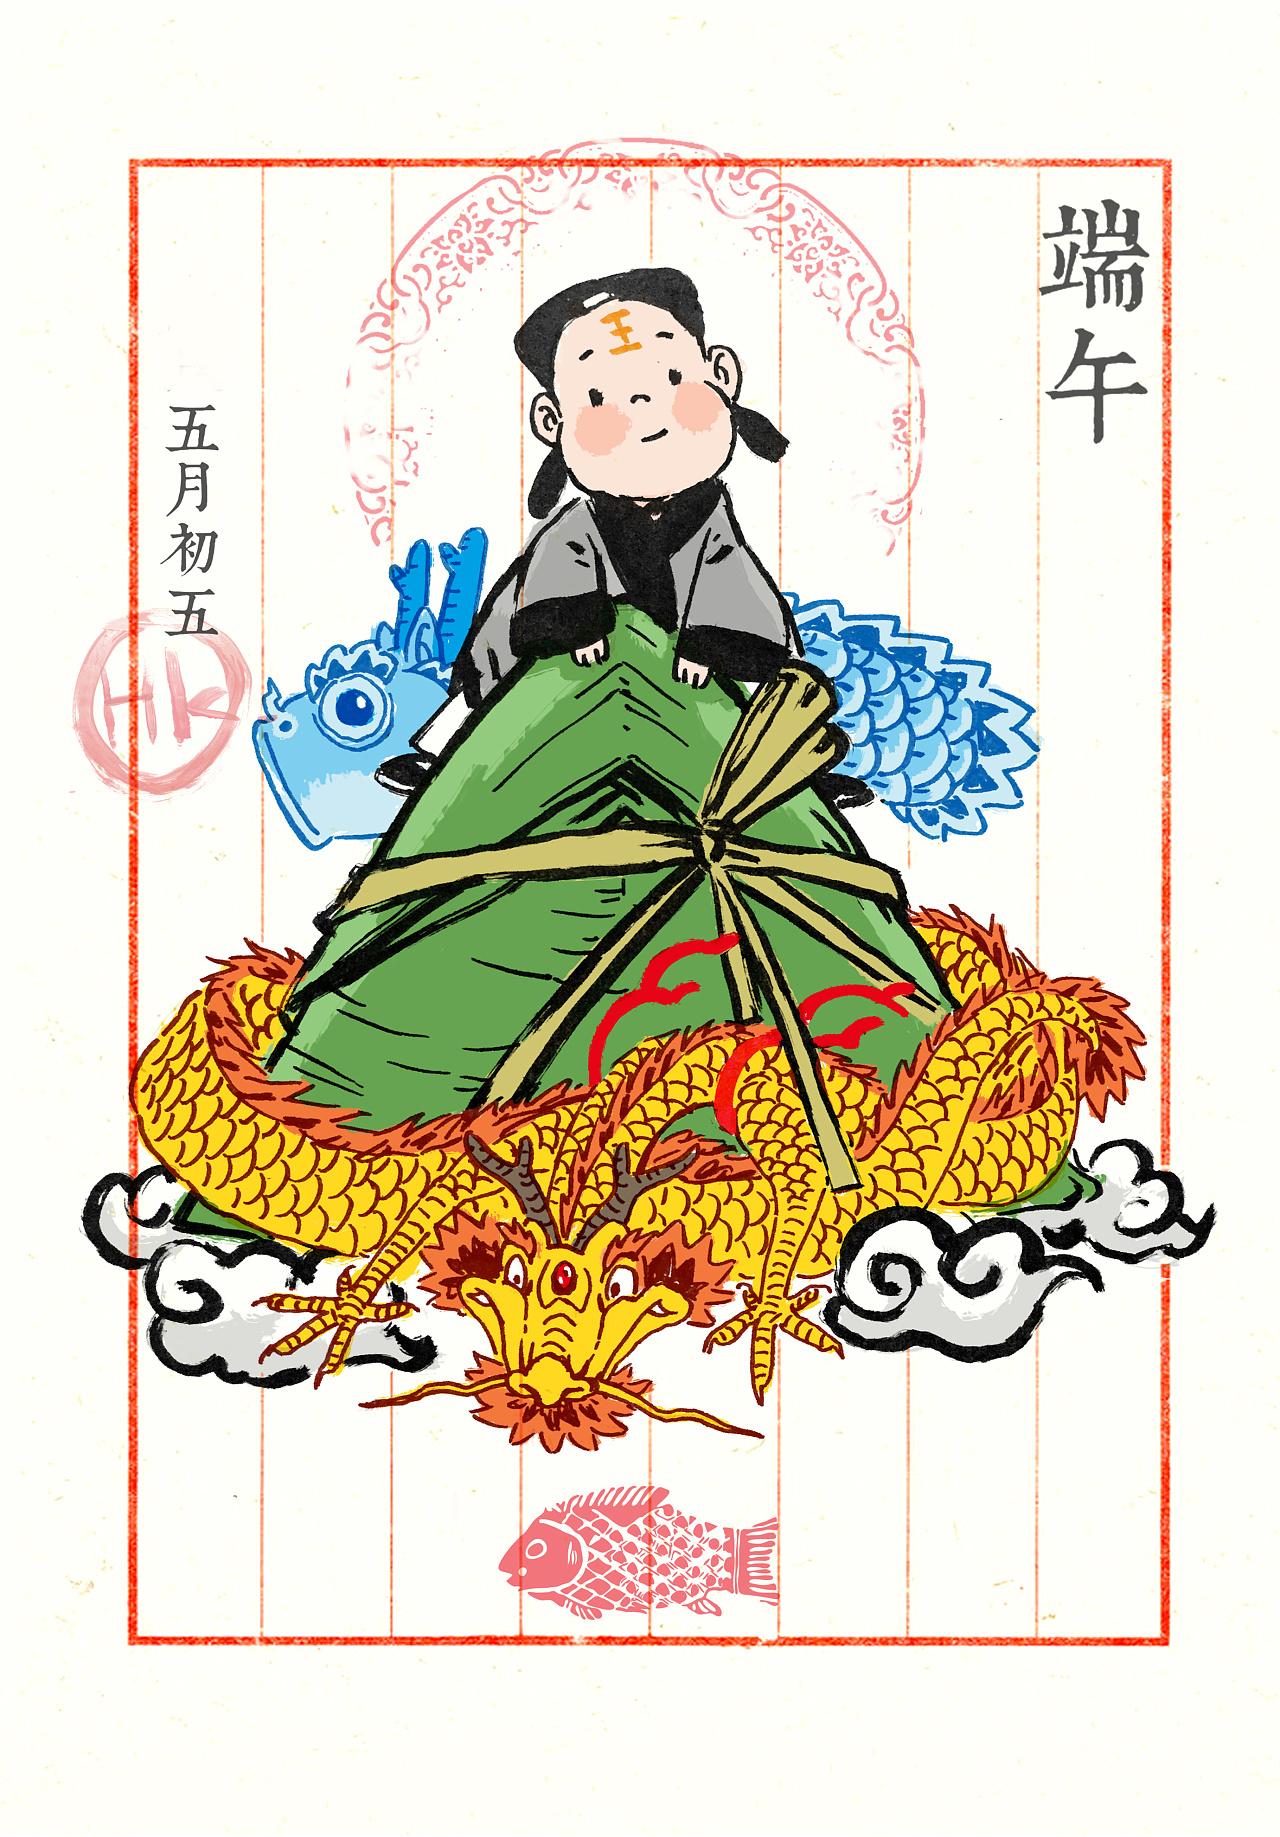 9张传统节日明信片